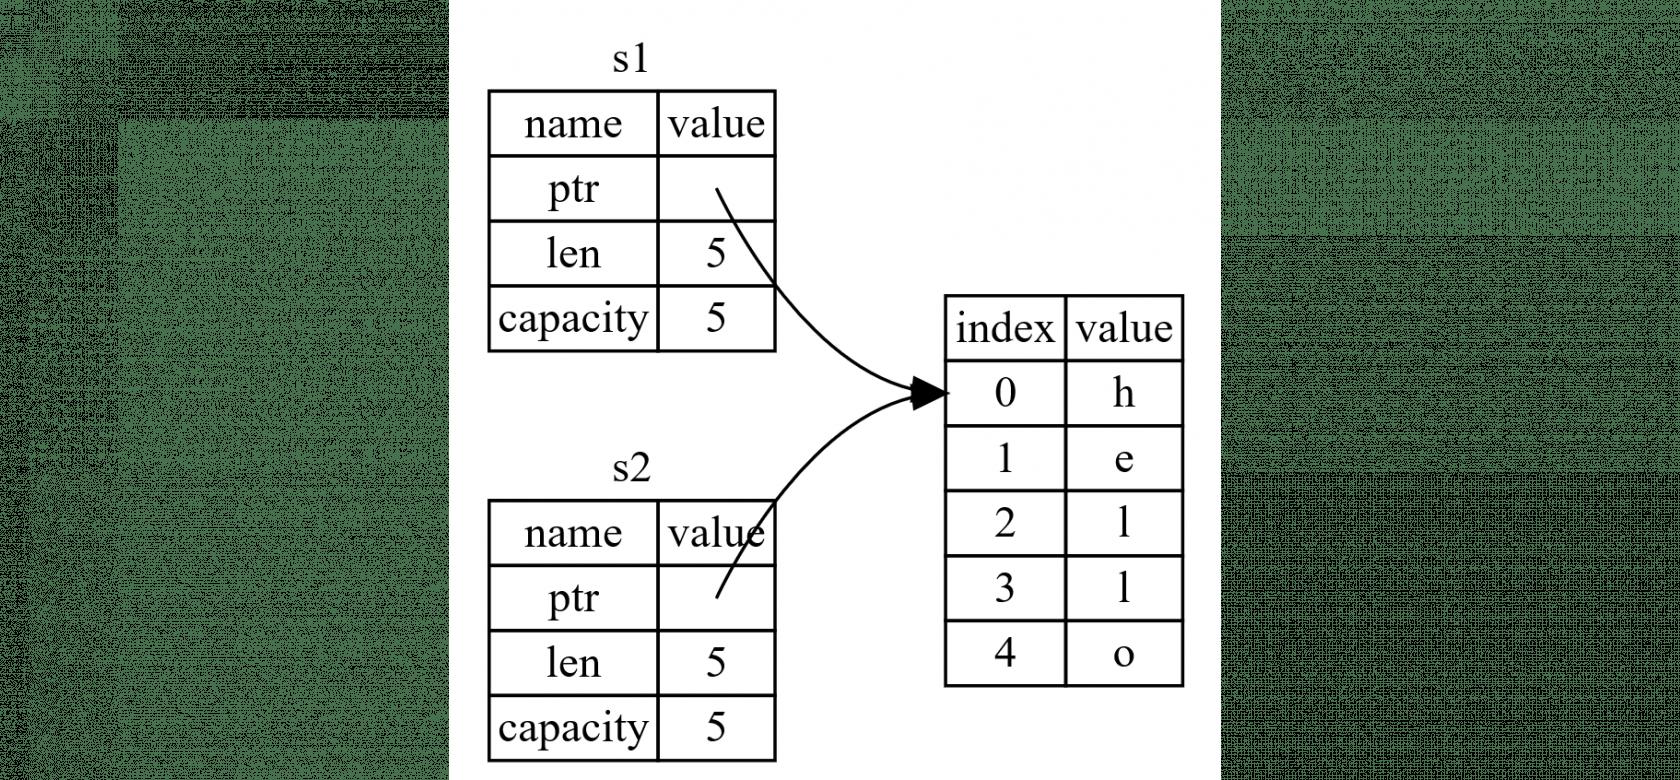 图 4-2:变量 `s2` 的内存表现